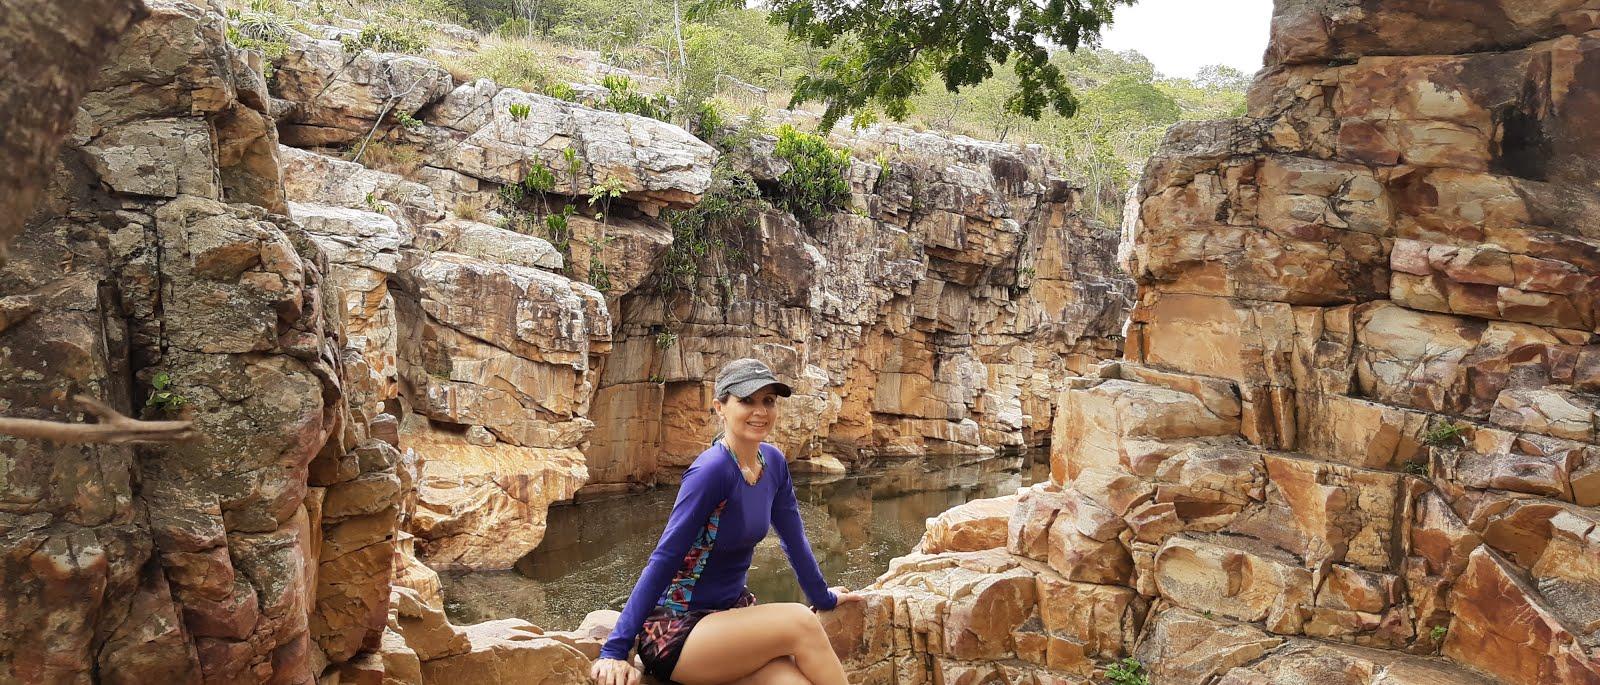 Trilha Pedra da Arara e Cachoeira de Macambira